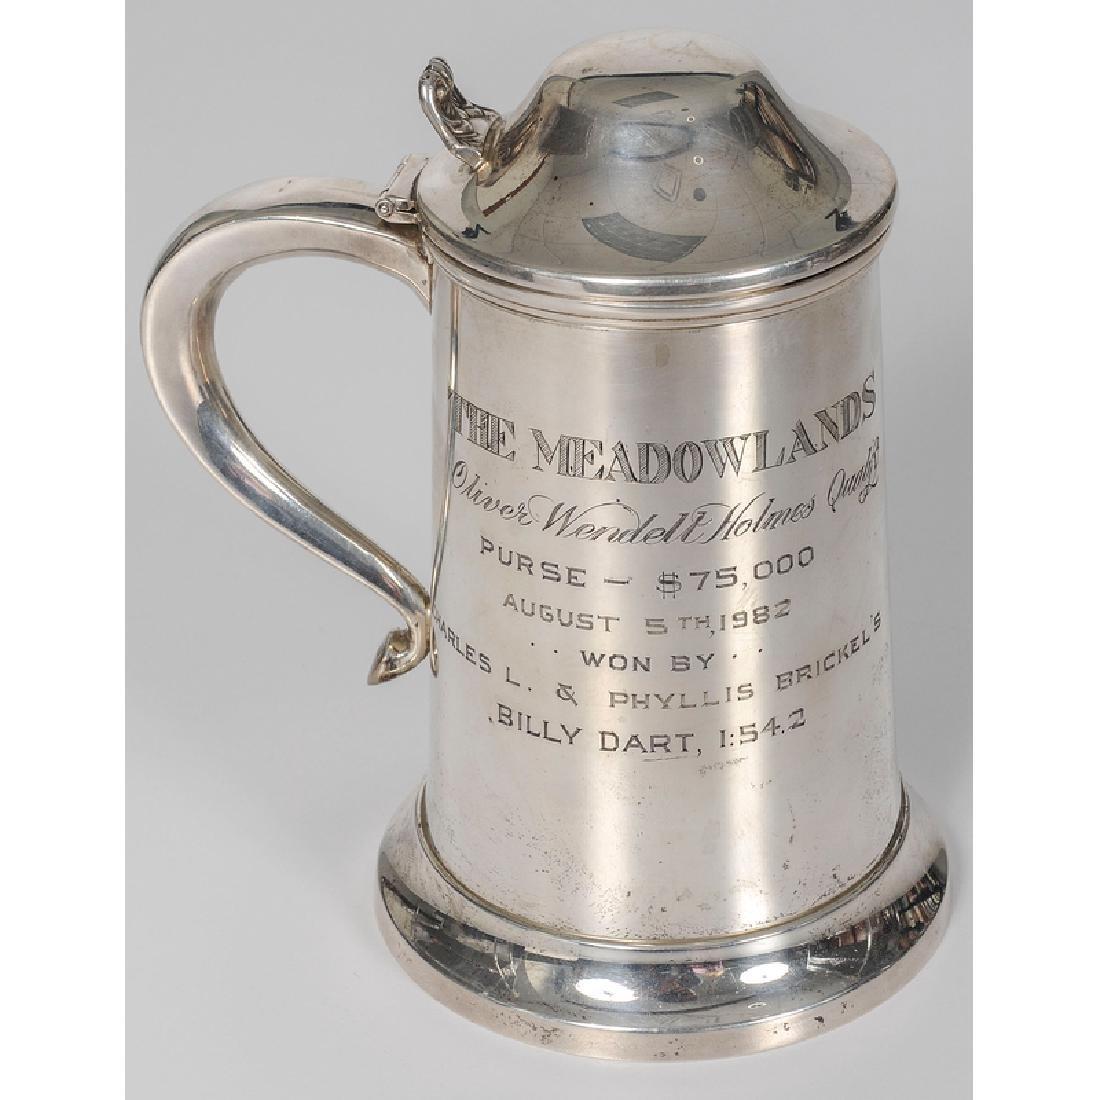 Boardman Sterling Equestrian Trophy